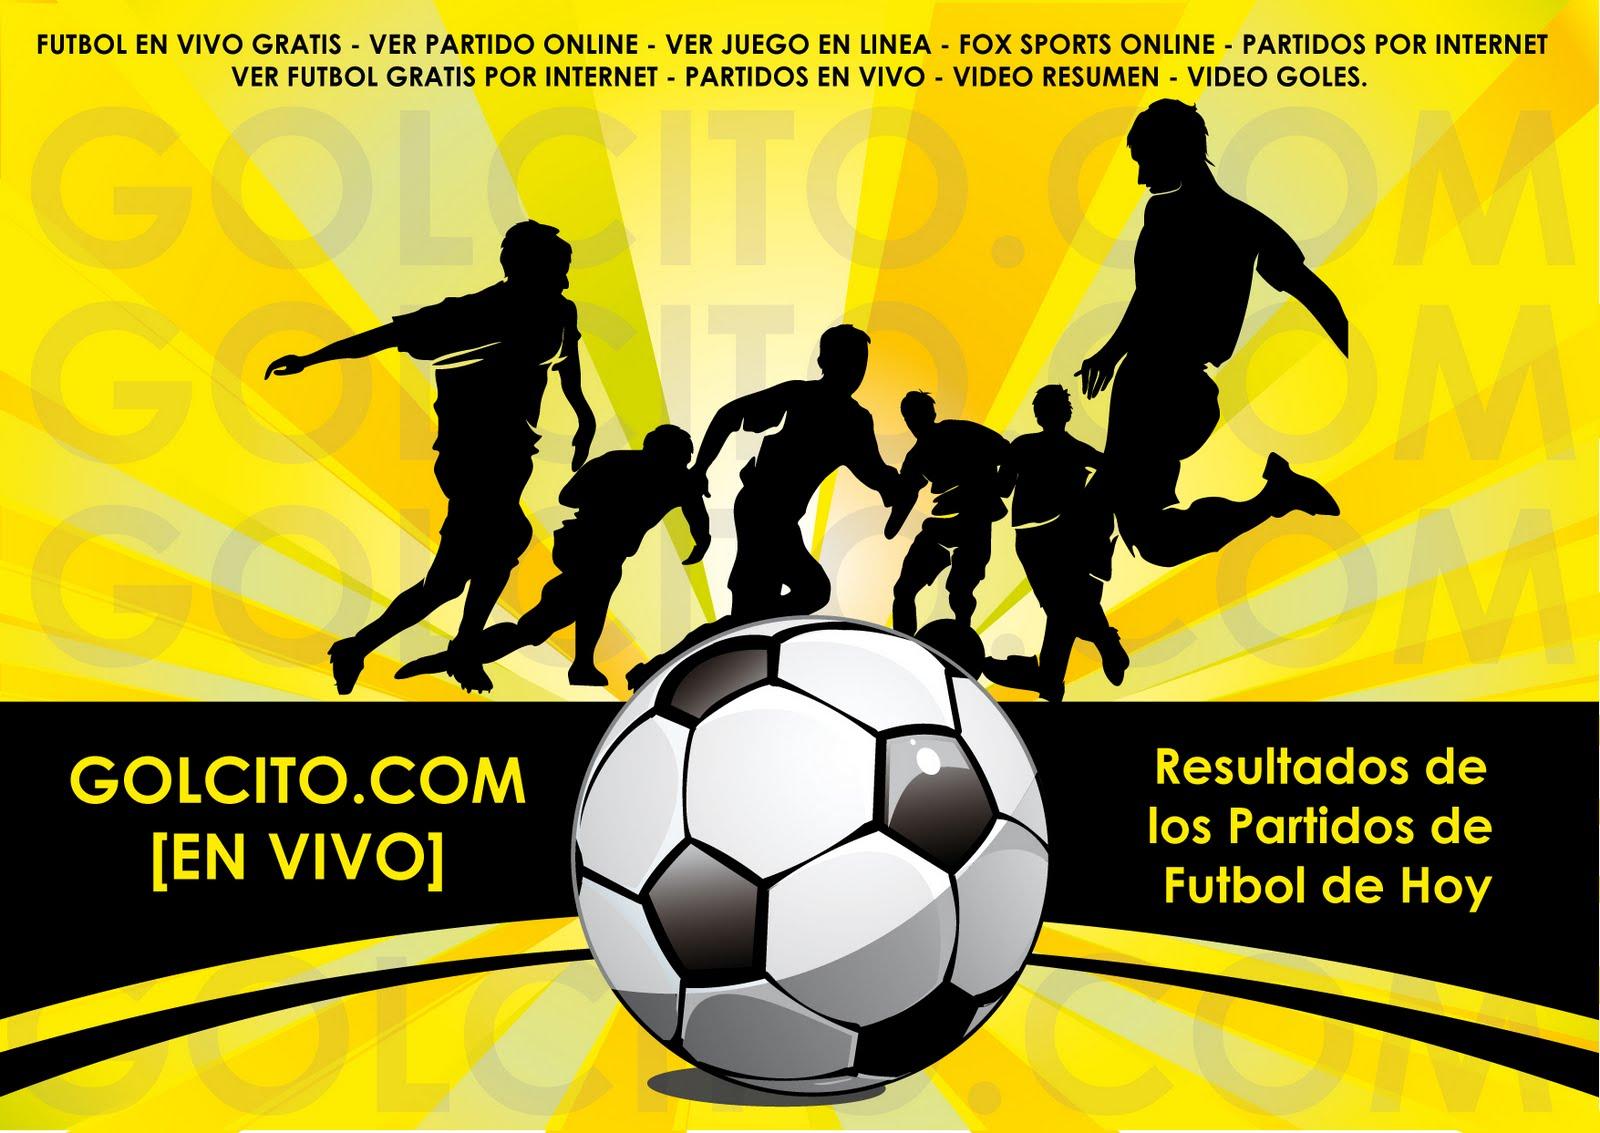 Resultados De Los Partidos De Futbol De Hoy Espn